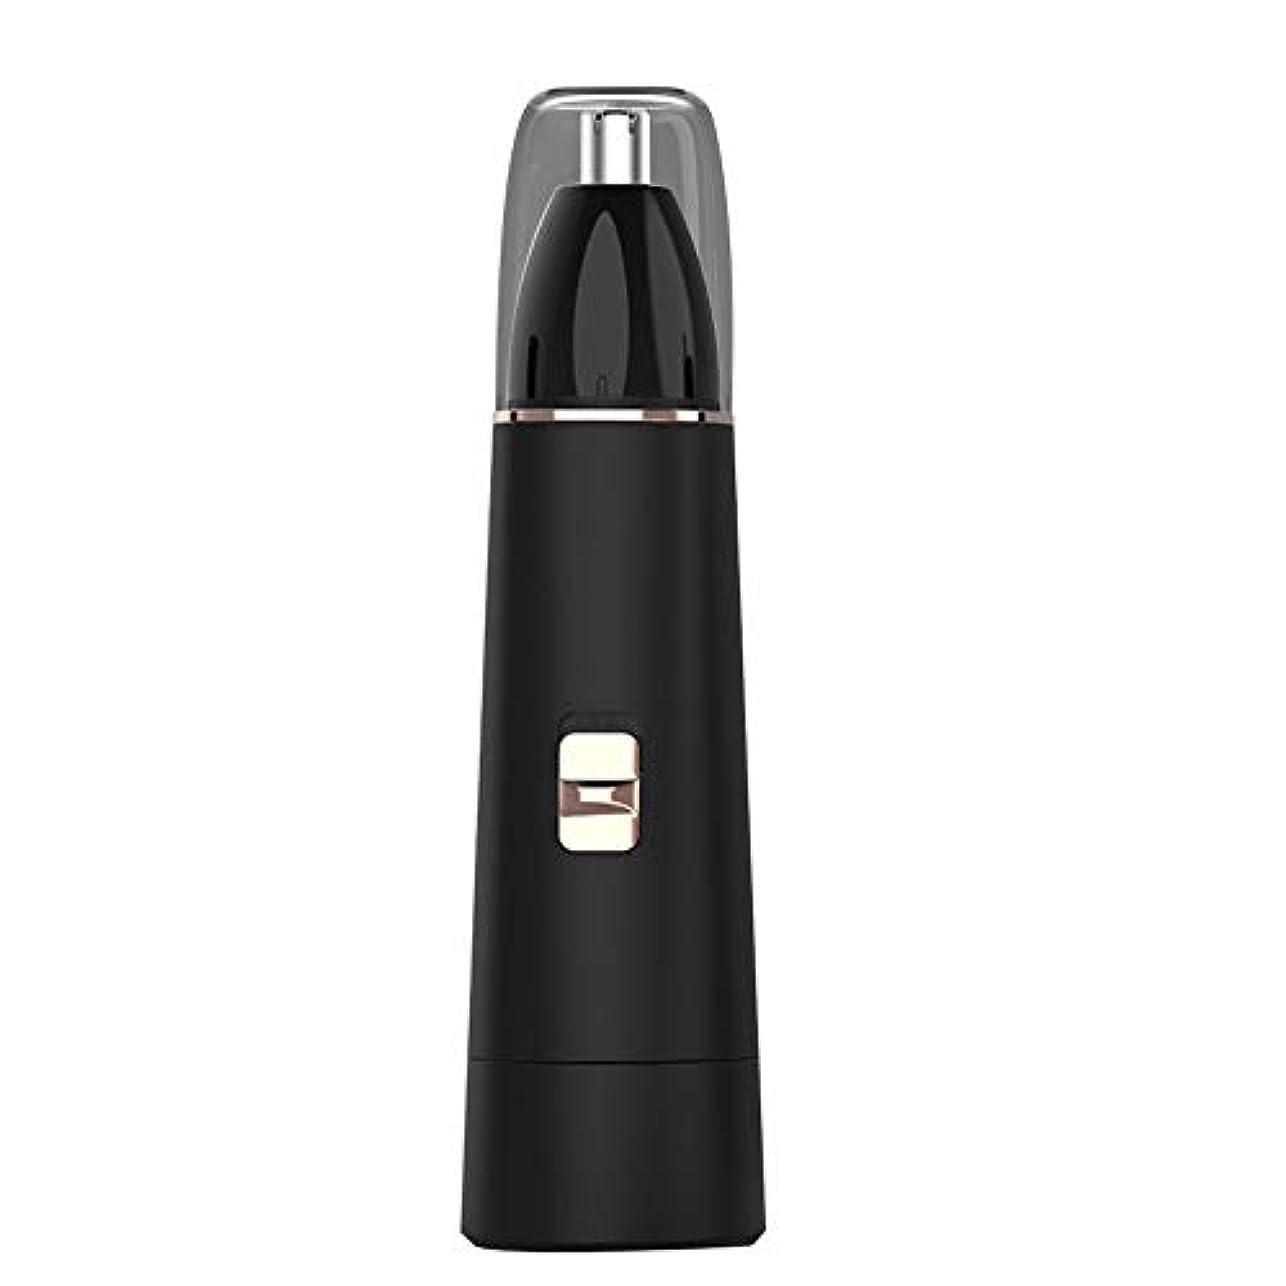 見ました保守可能狂信者鼻毛トリマー-USB充電式電動鼻毛トリマー/ABS素材/多機能 持つ価値があります